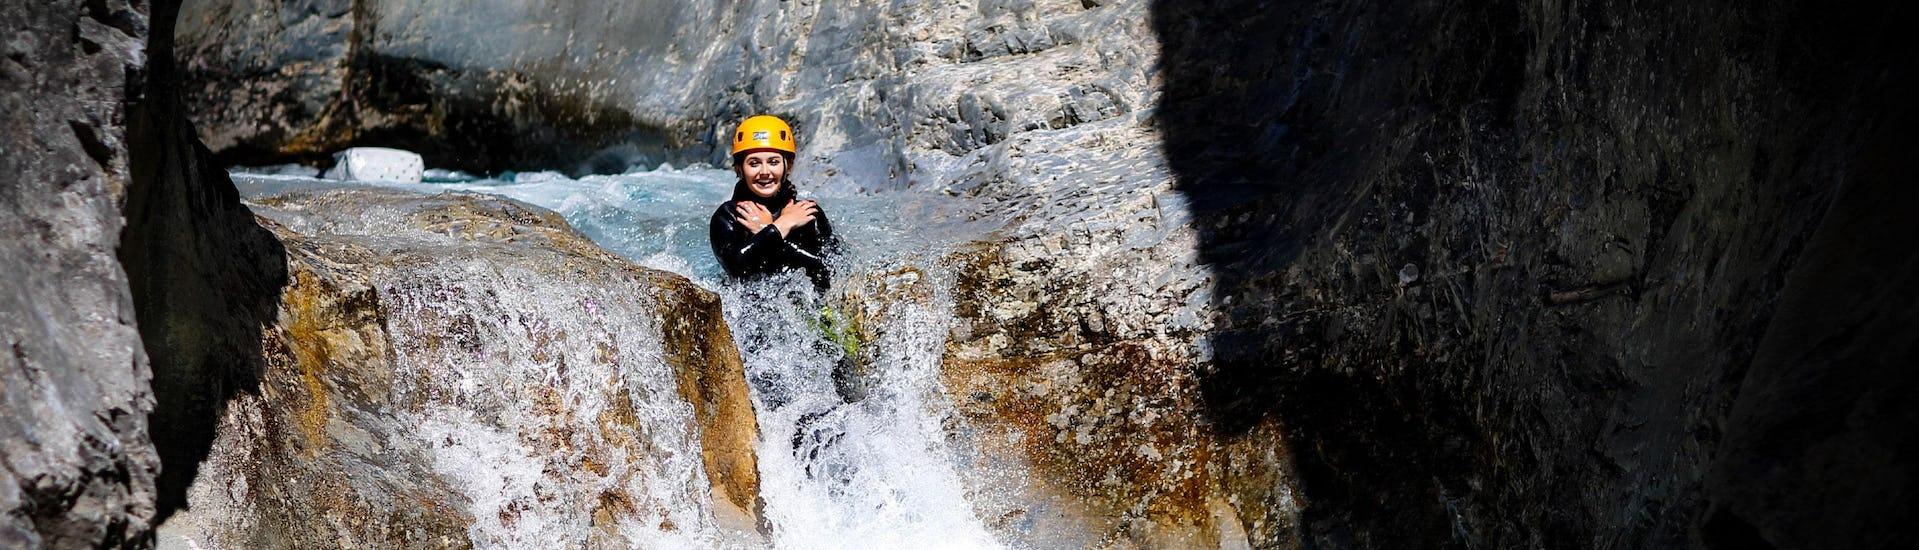 Une femme descend un toboggan naturel lors d'une sortie Aqua Rando dans le canyon du Couleau en Famille avec SerreChe Canyon.